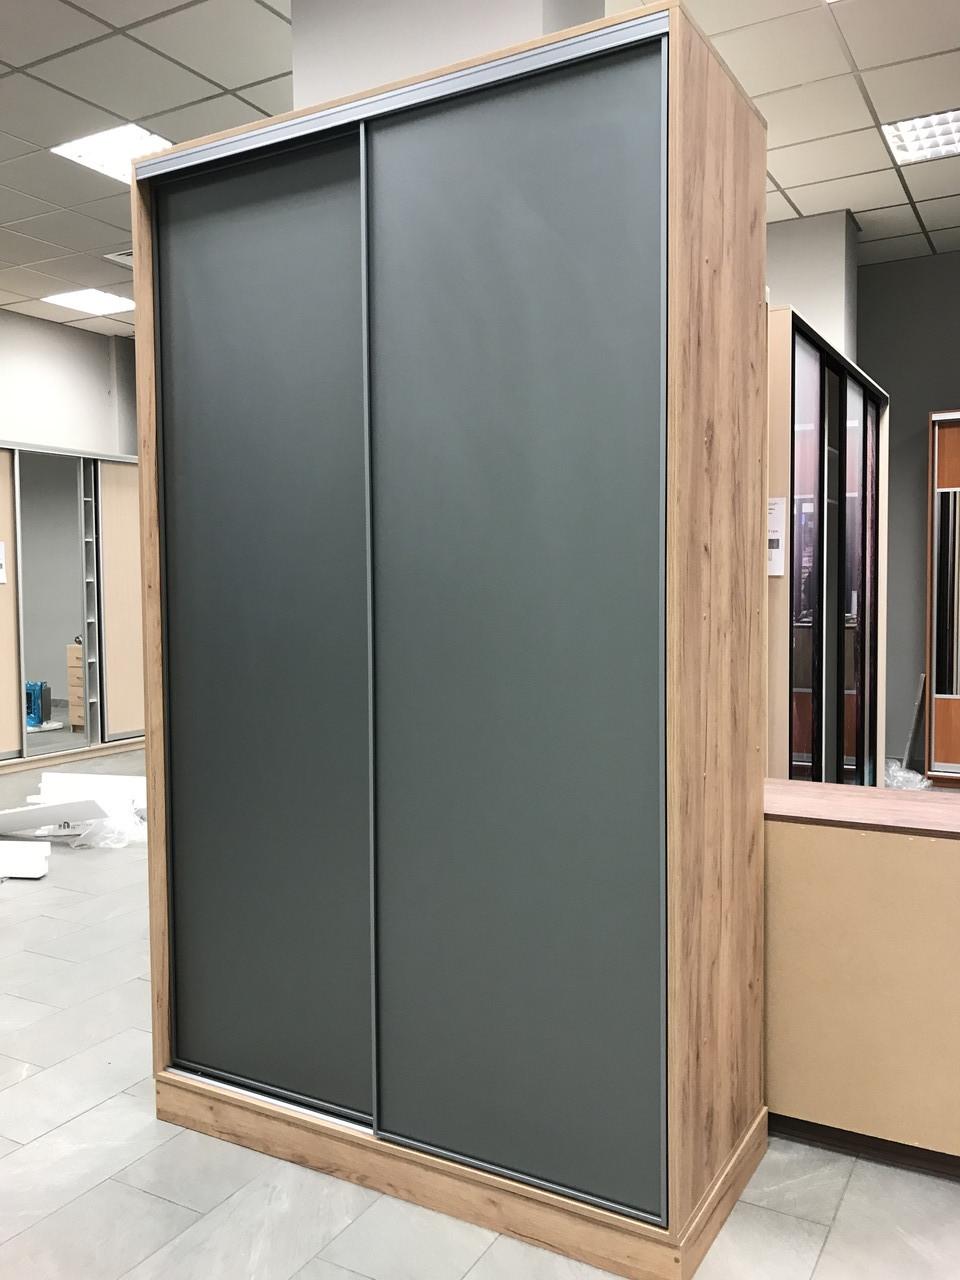 Шкаф купе система zola. фасад зеркало графит матовое